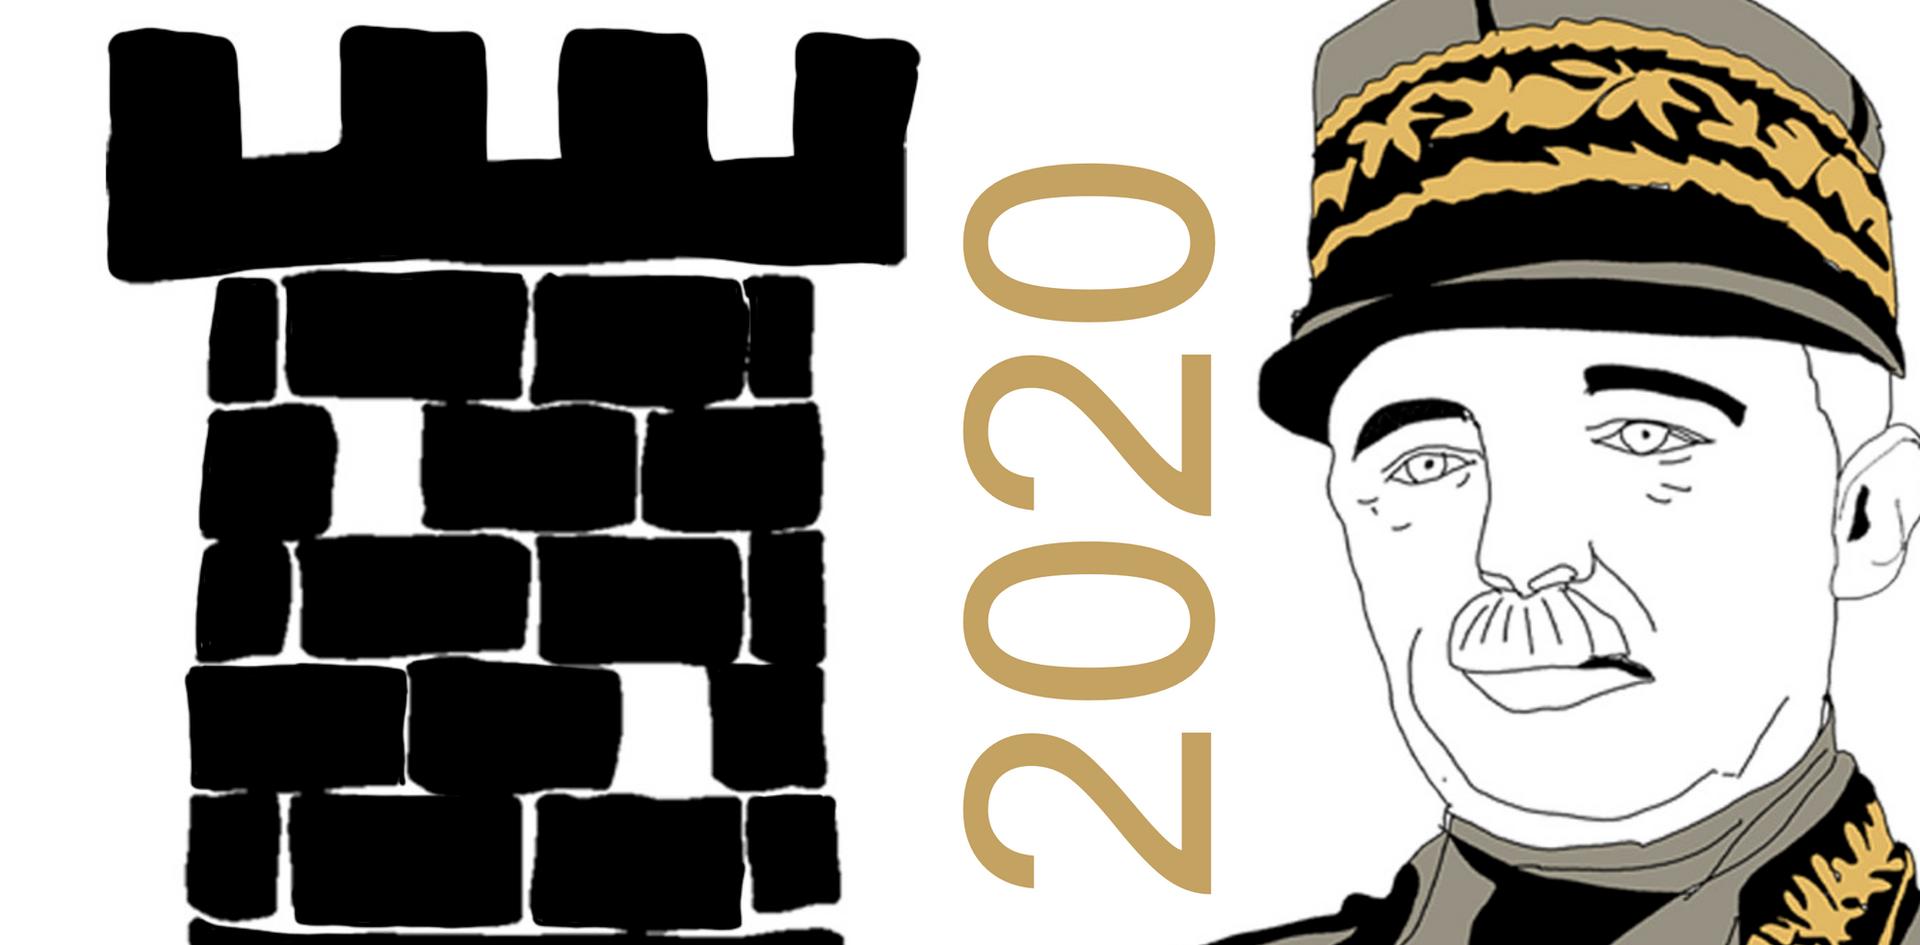 Il Generale Guisan guidò l'esercito svizzero durante la seconda guerra mondiale e fece costruire la fortezza del Gottardo. Sono presentate informazioni avvincenti su questa personalità di spicco della storia svizzera.